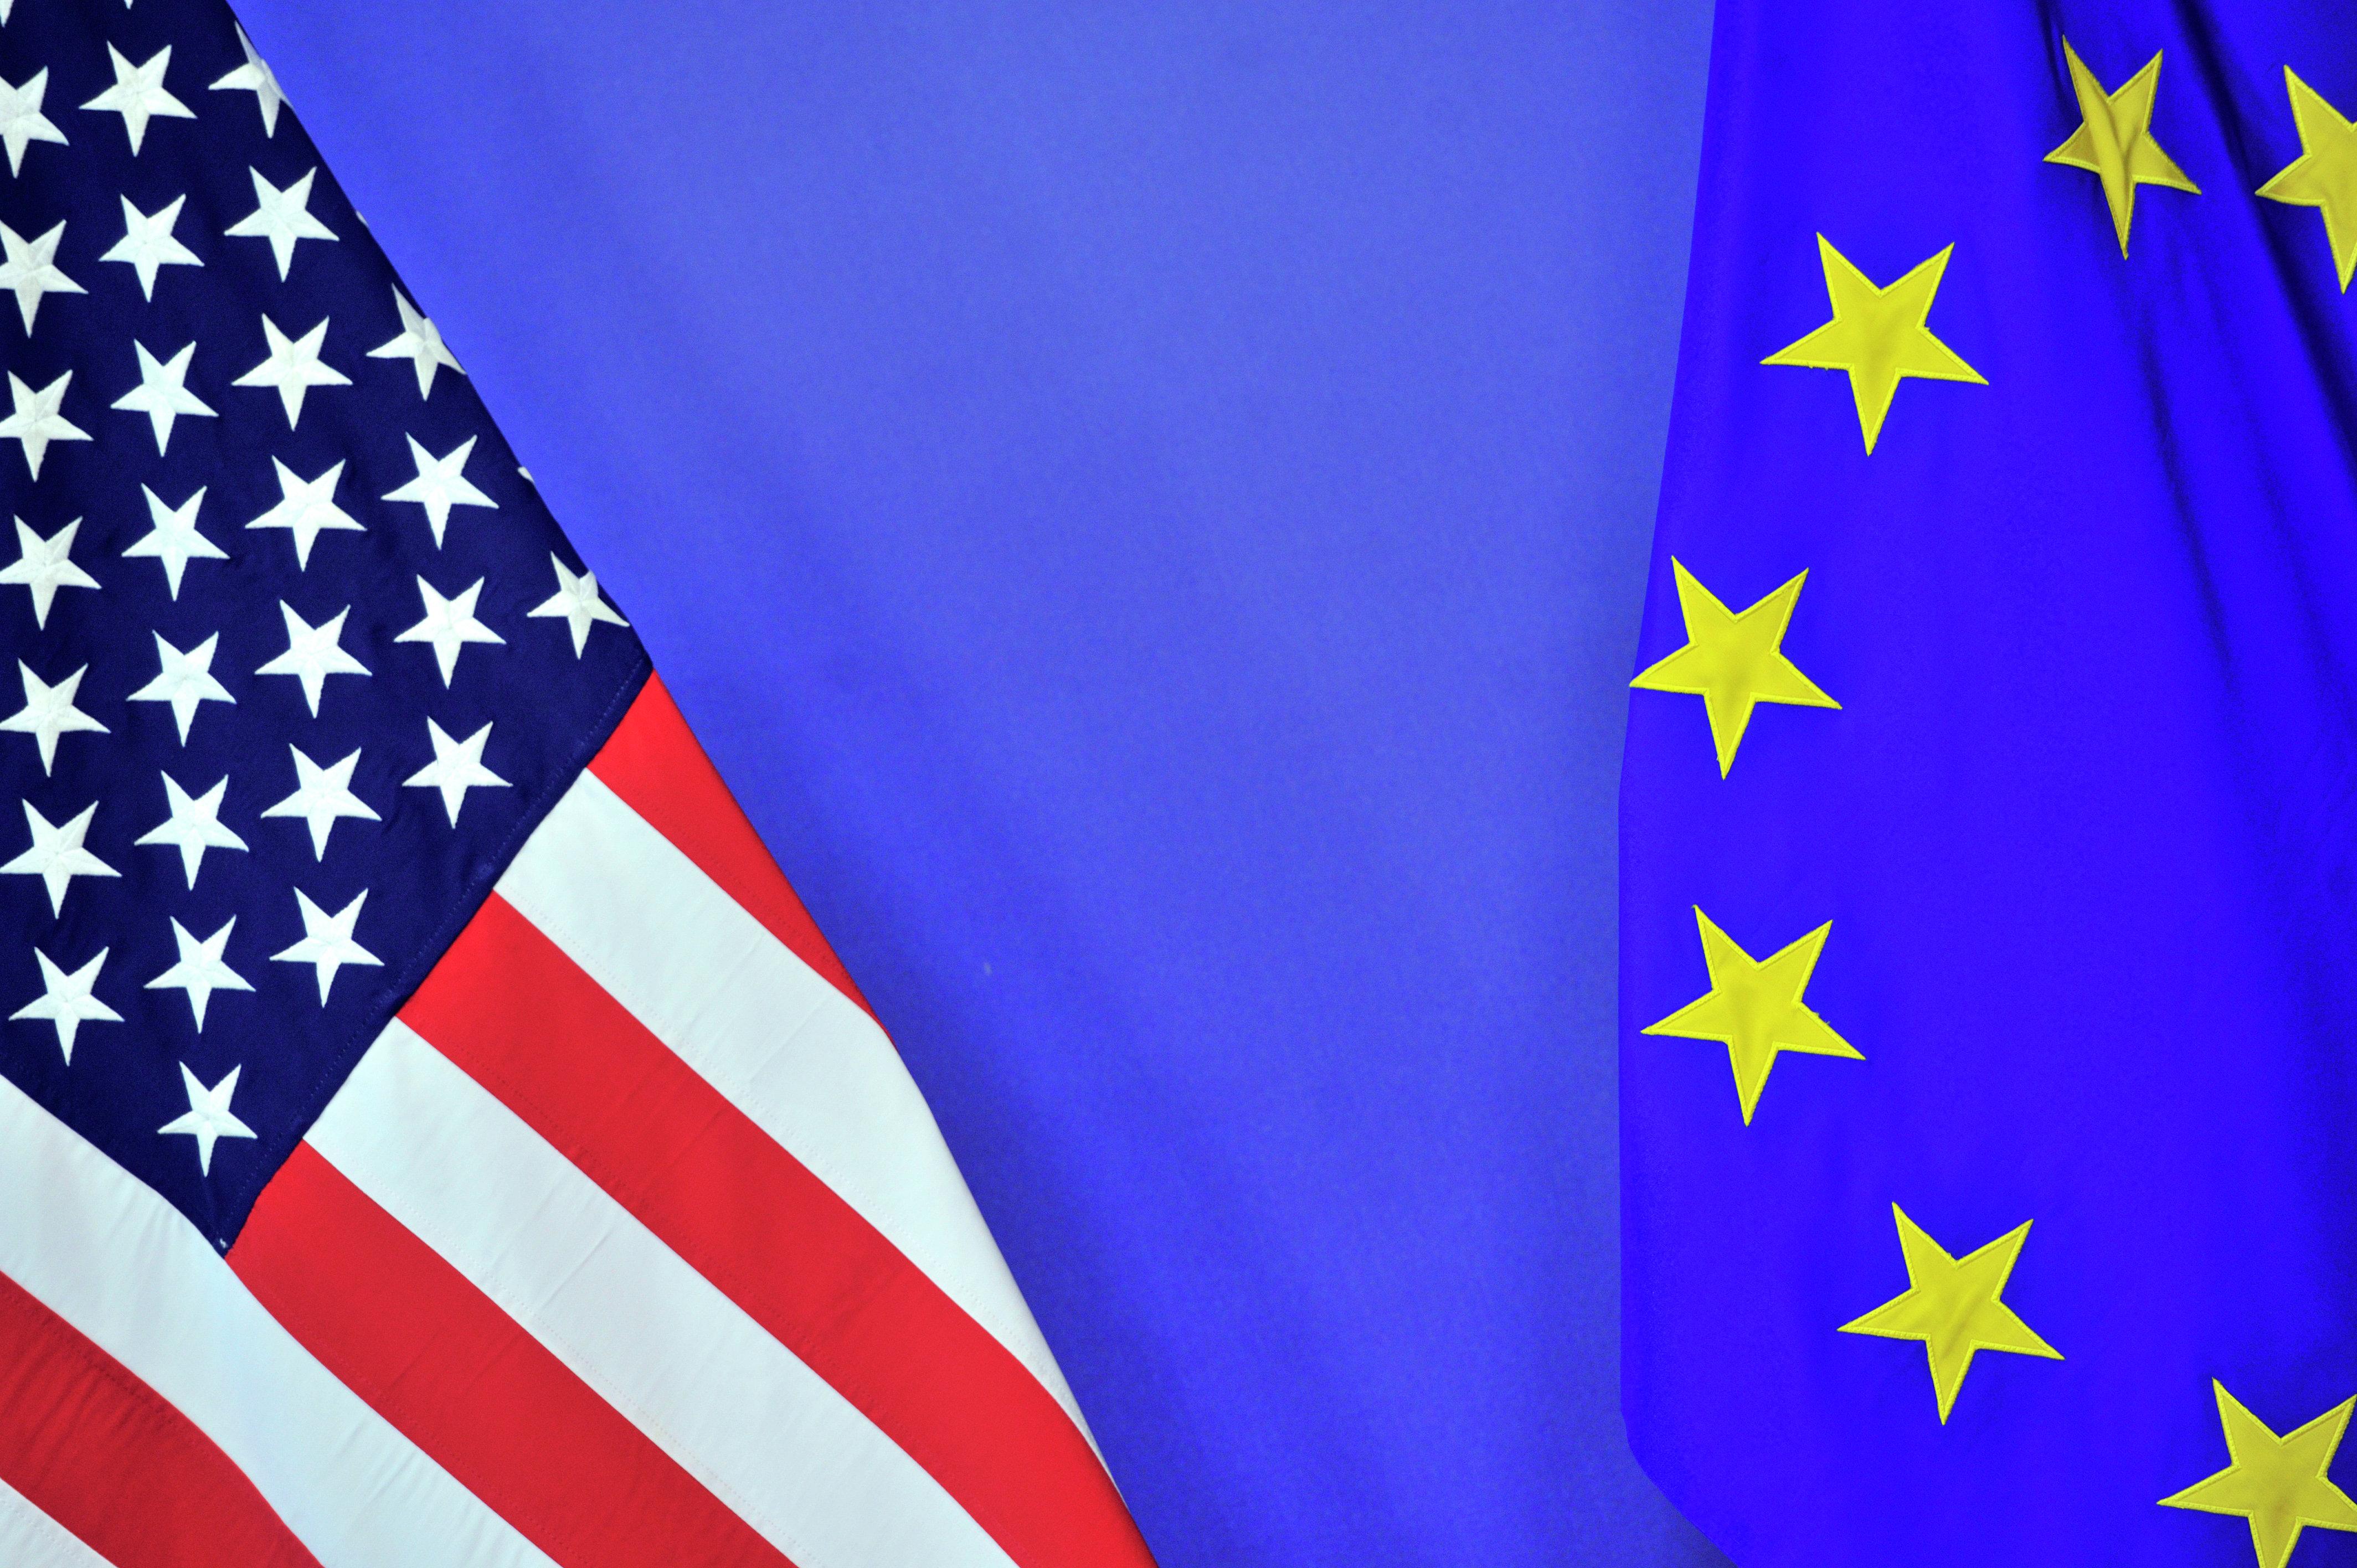 Die Flagge von den USA und der EU